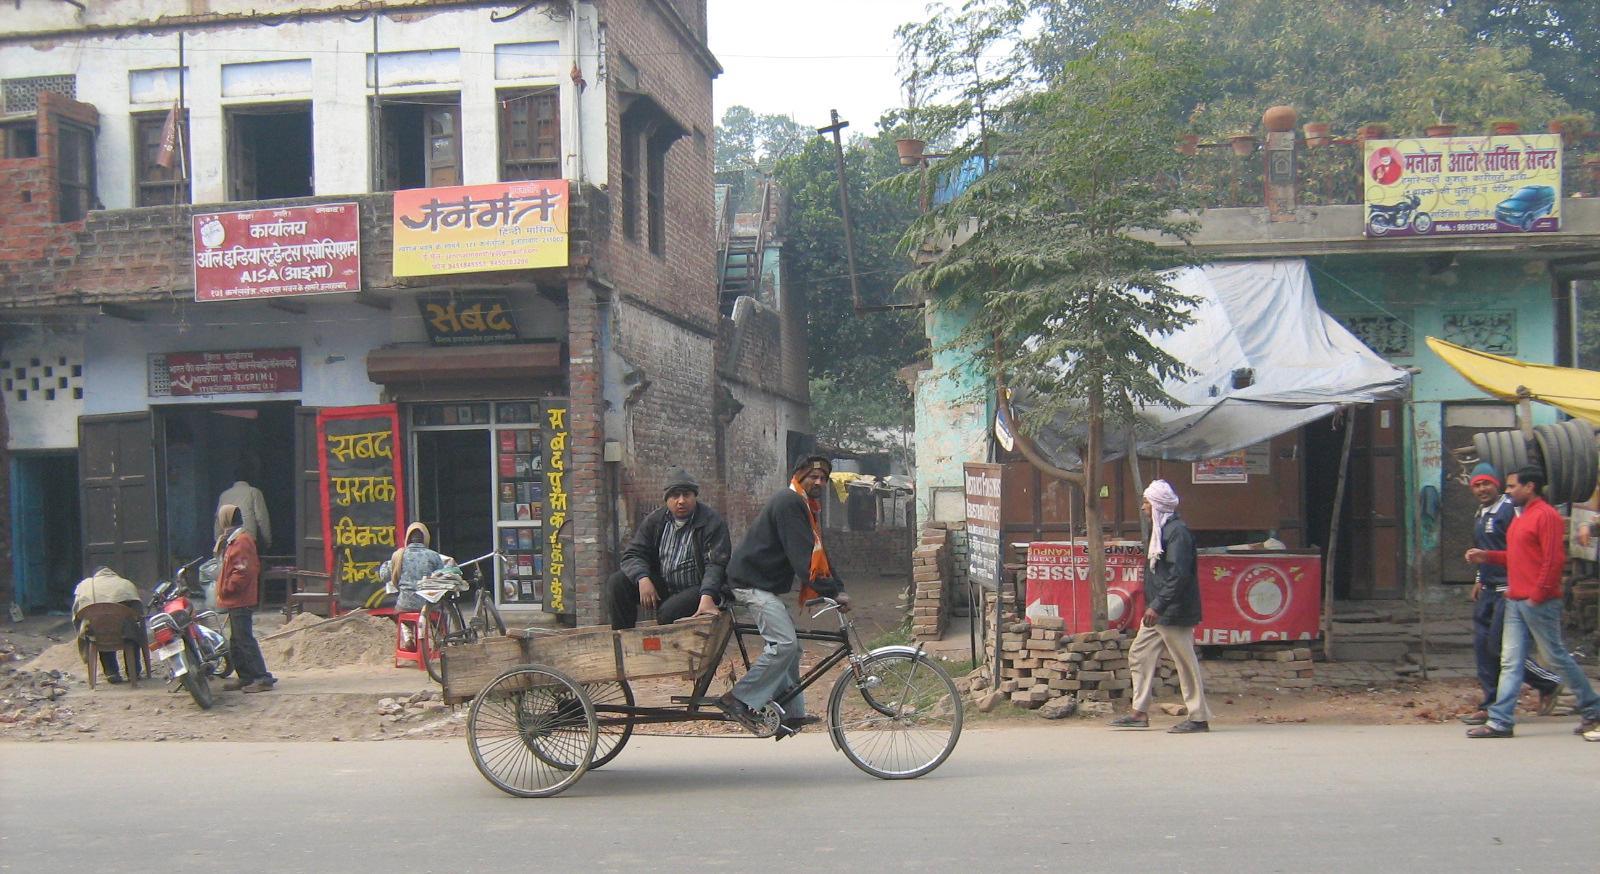 Allahabad India  city photos : Allahabad, India, January 2010